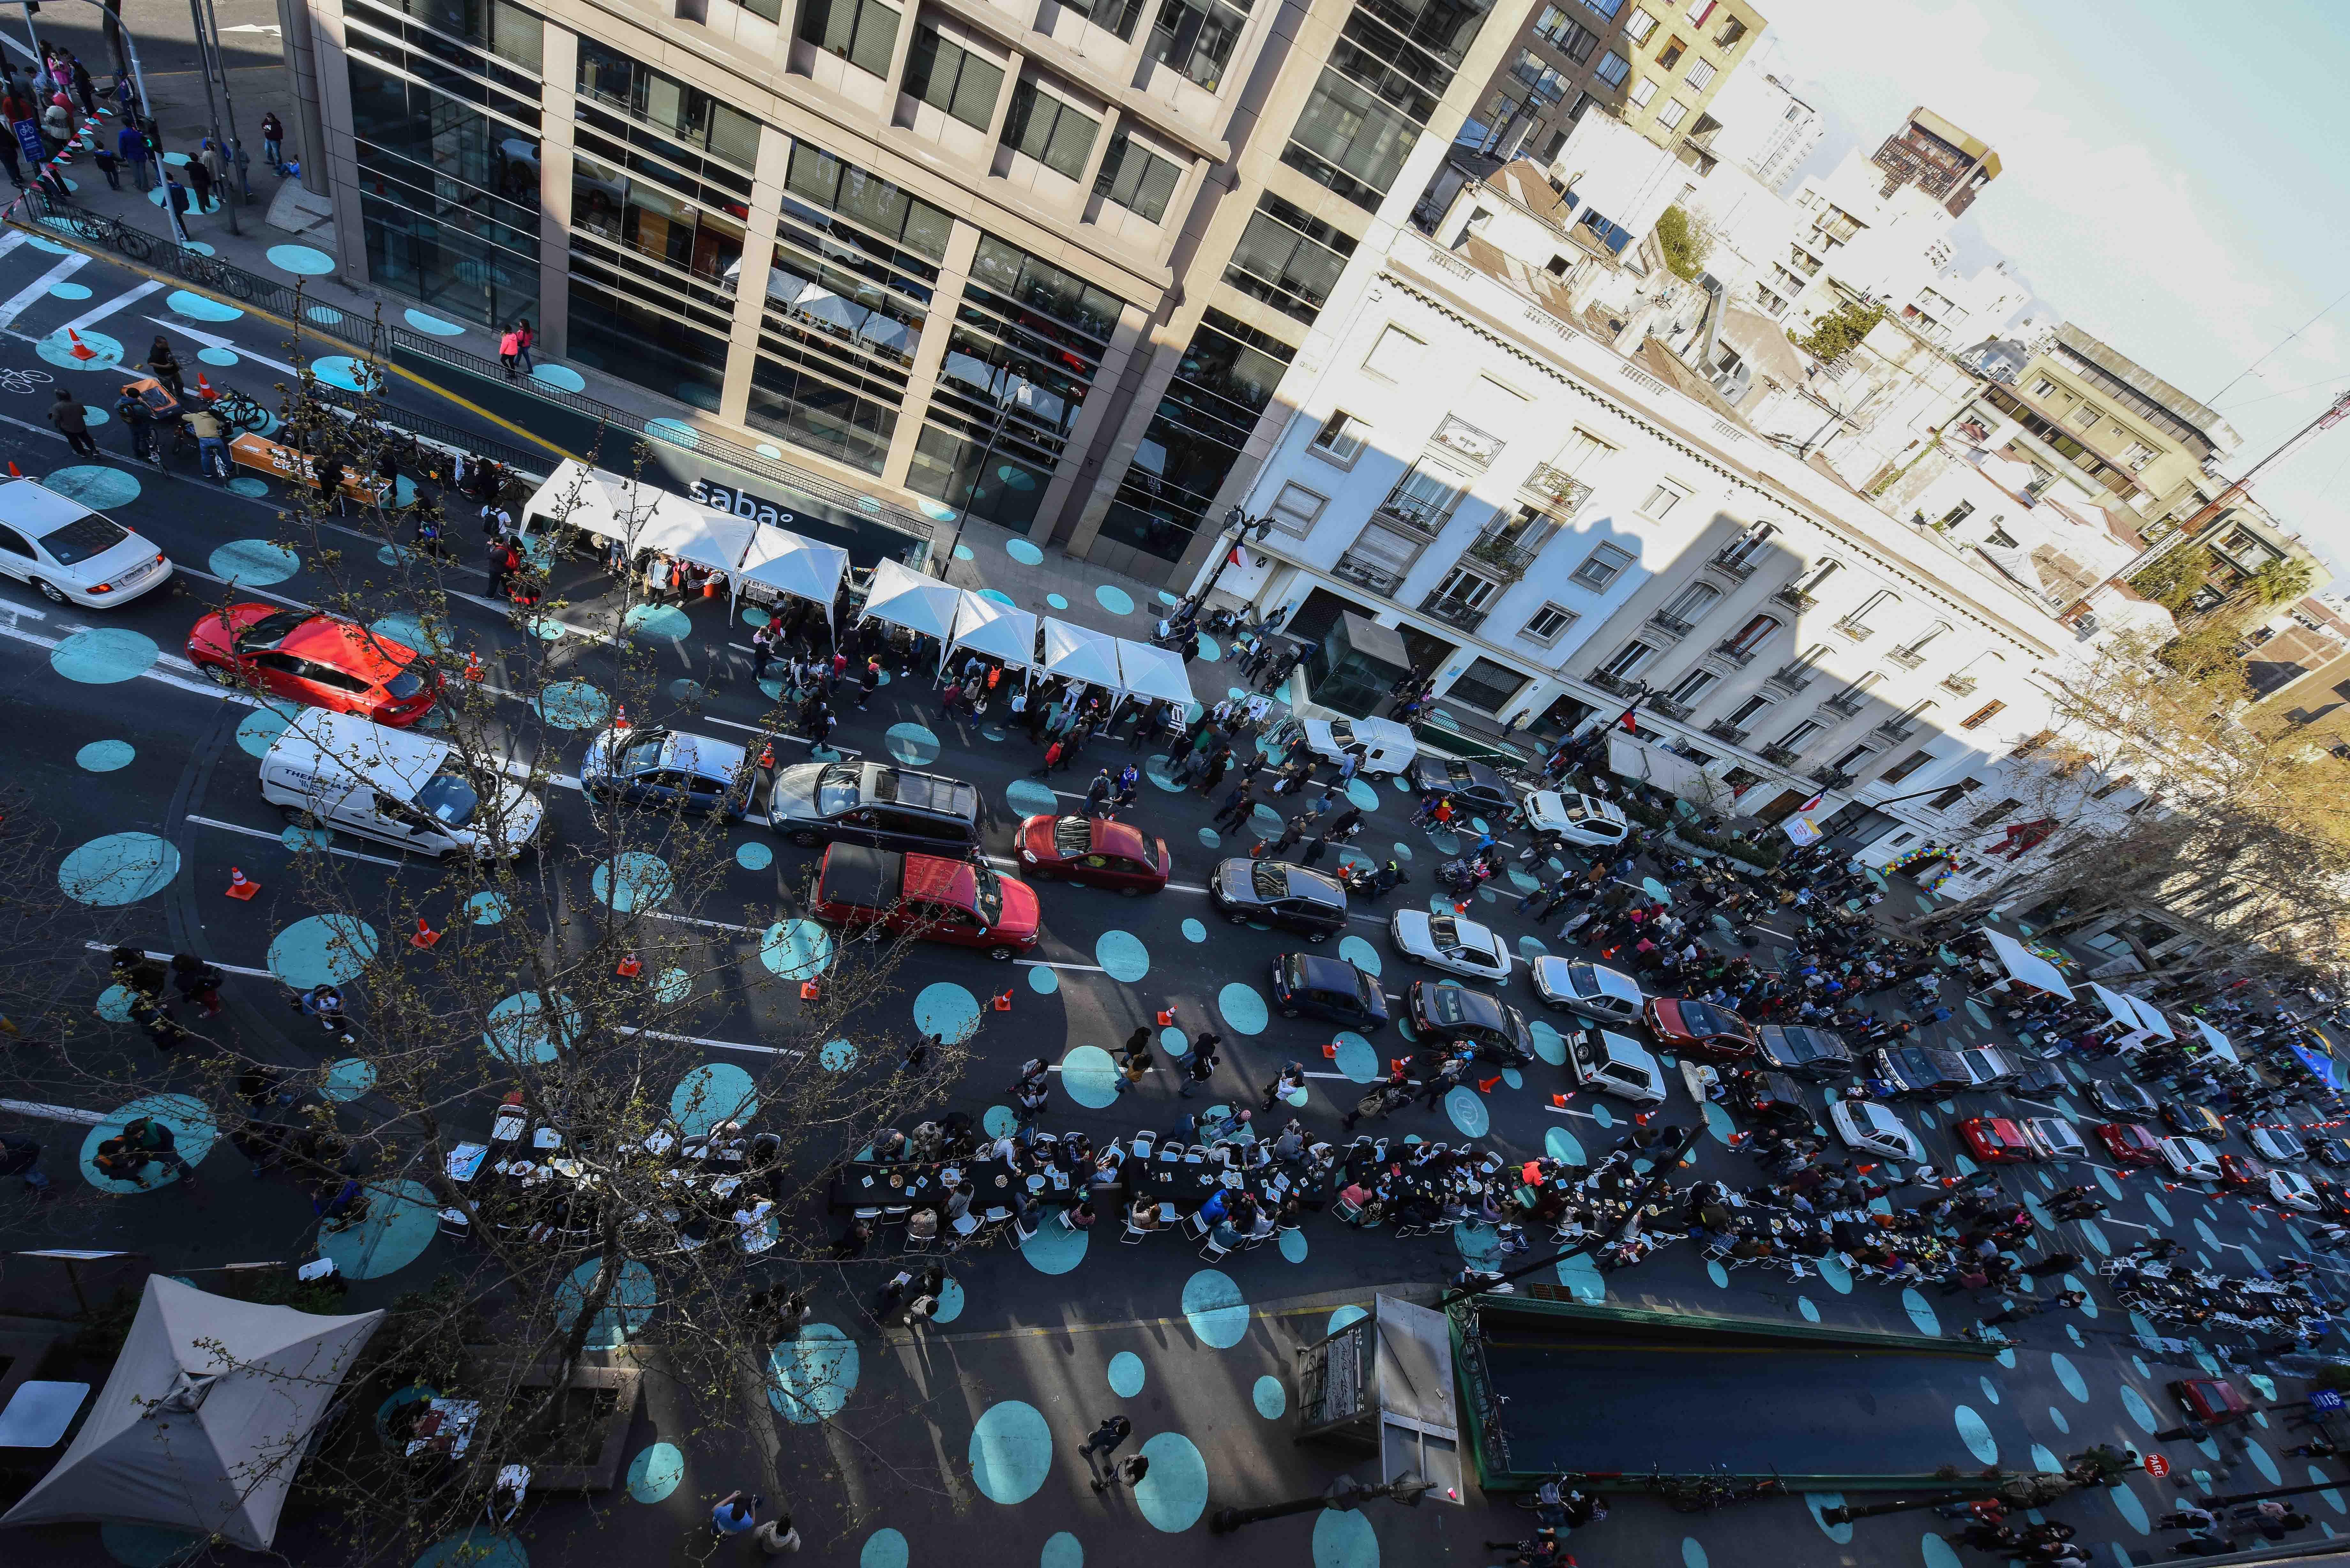 Vista aérea Calles Compartidas / Ciudad Emergente